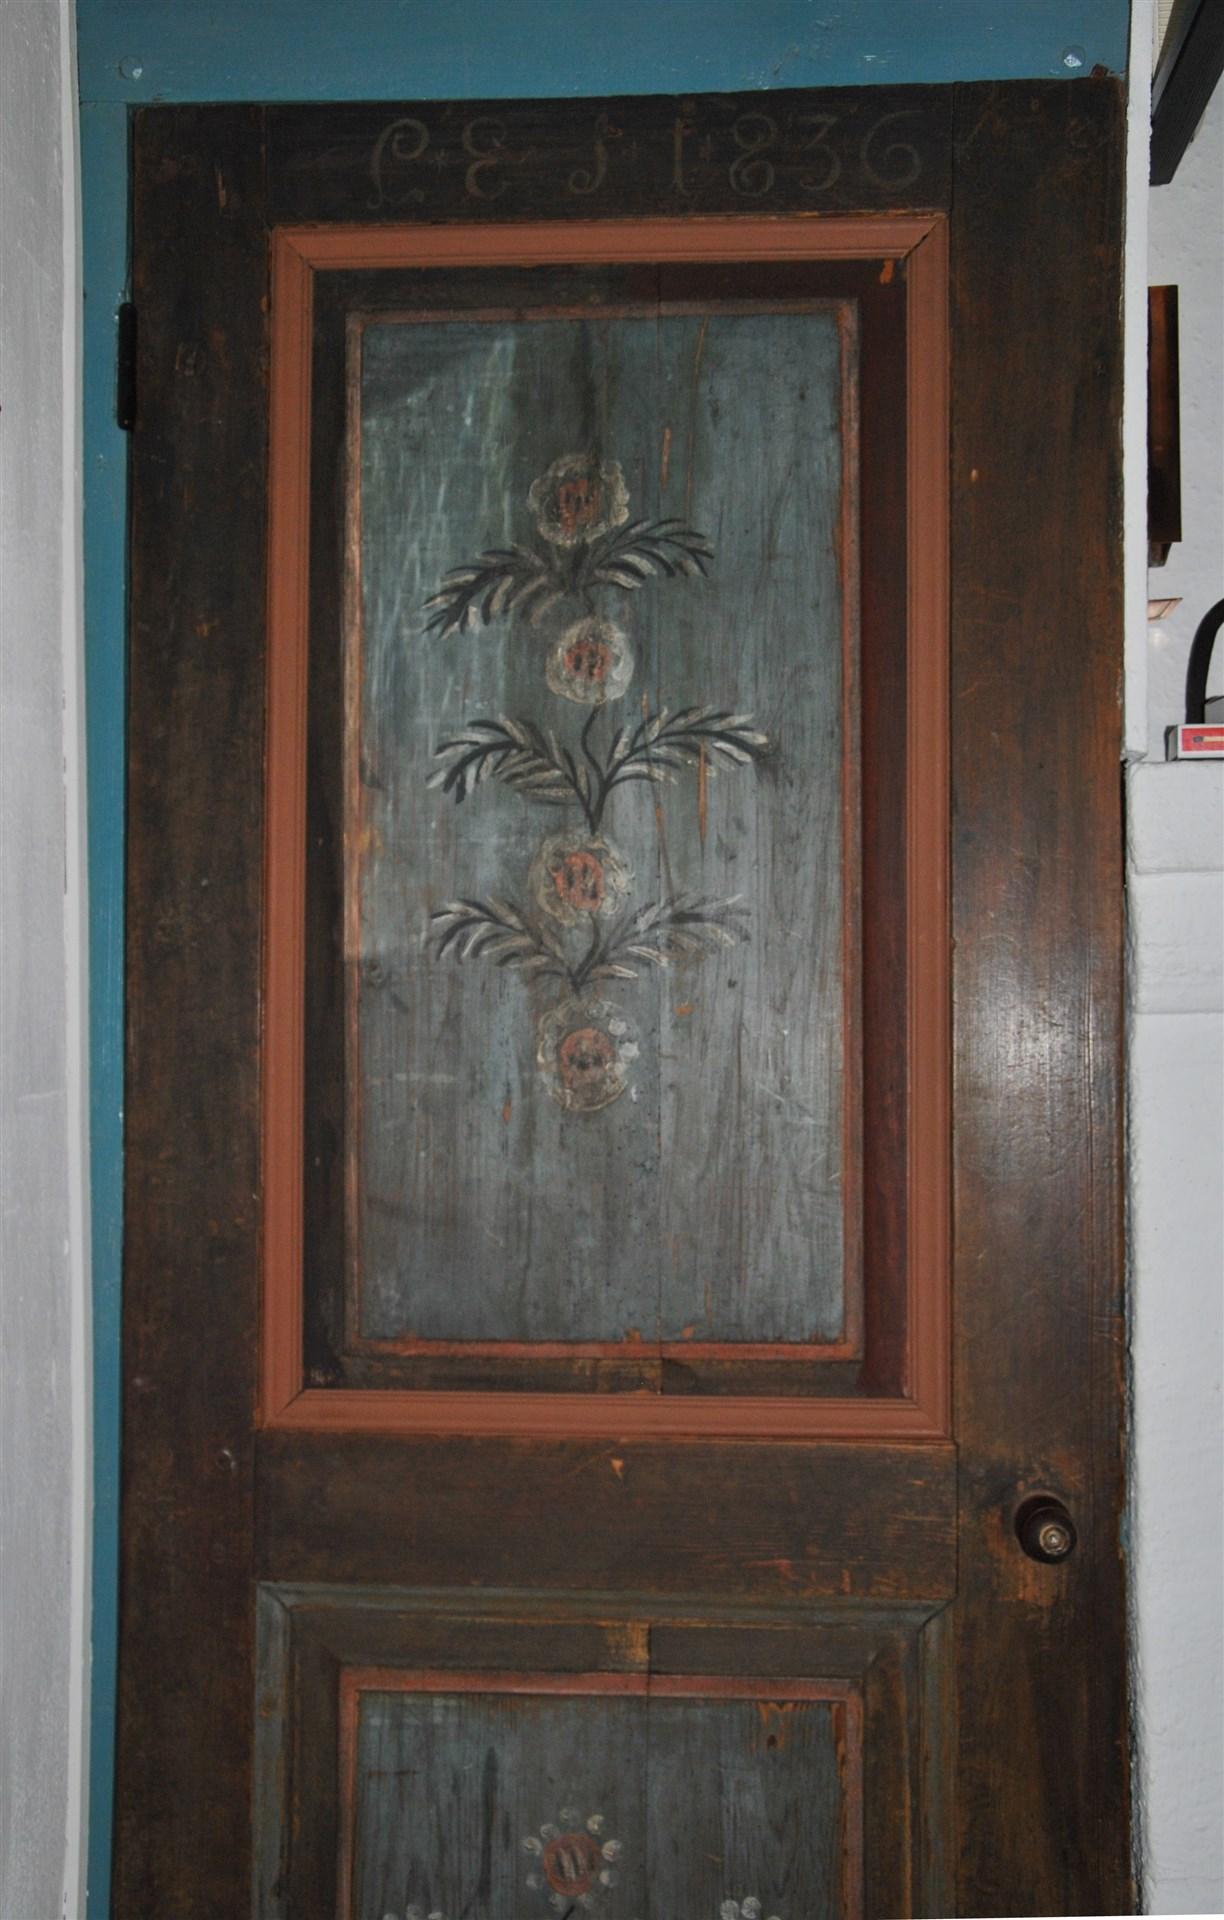 Målning på dörr till förvaringsutrymme, signerat 1836